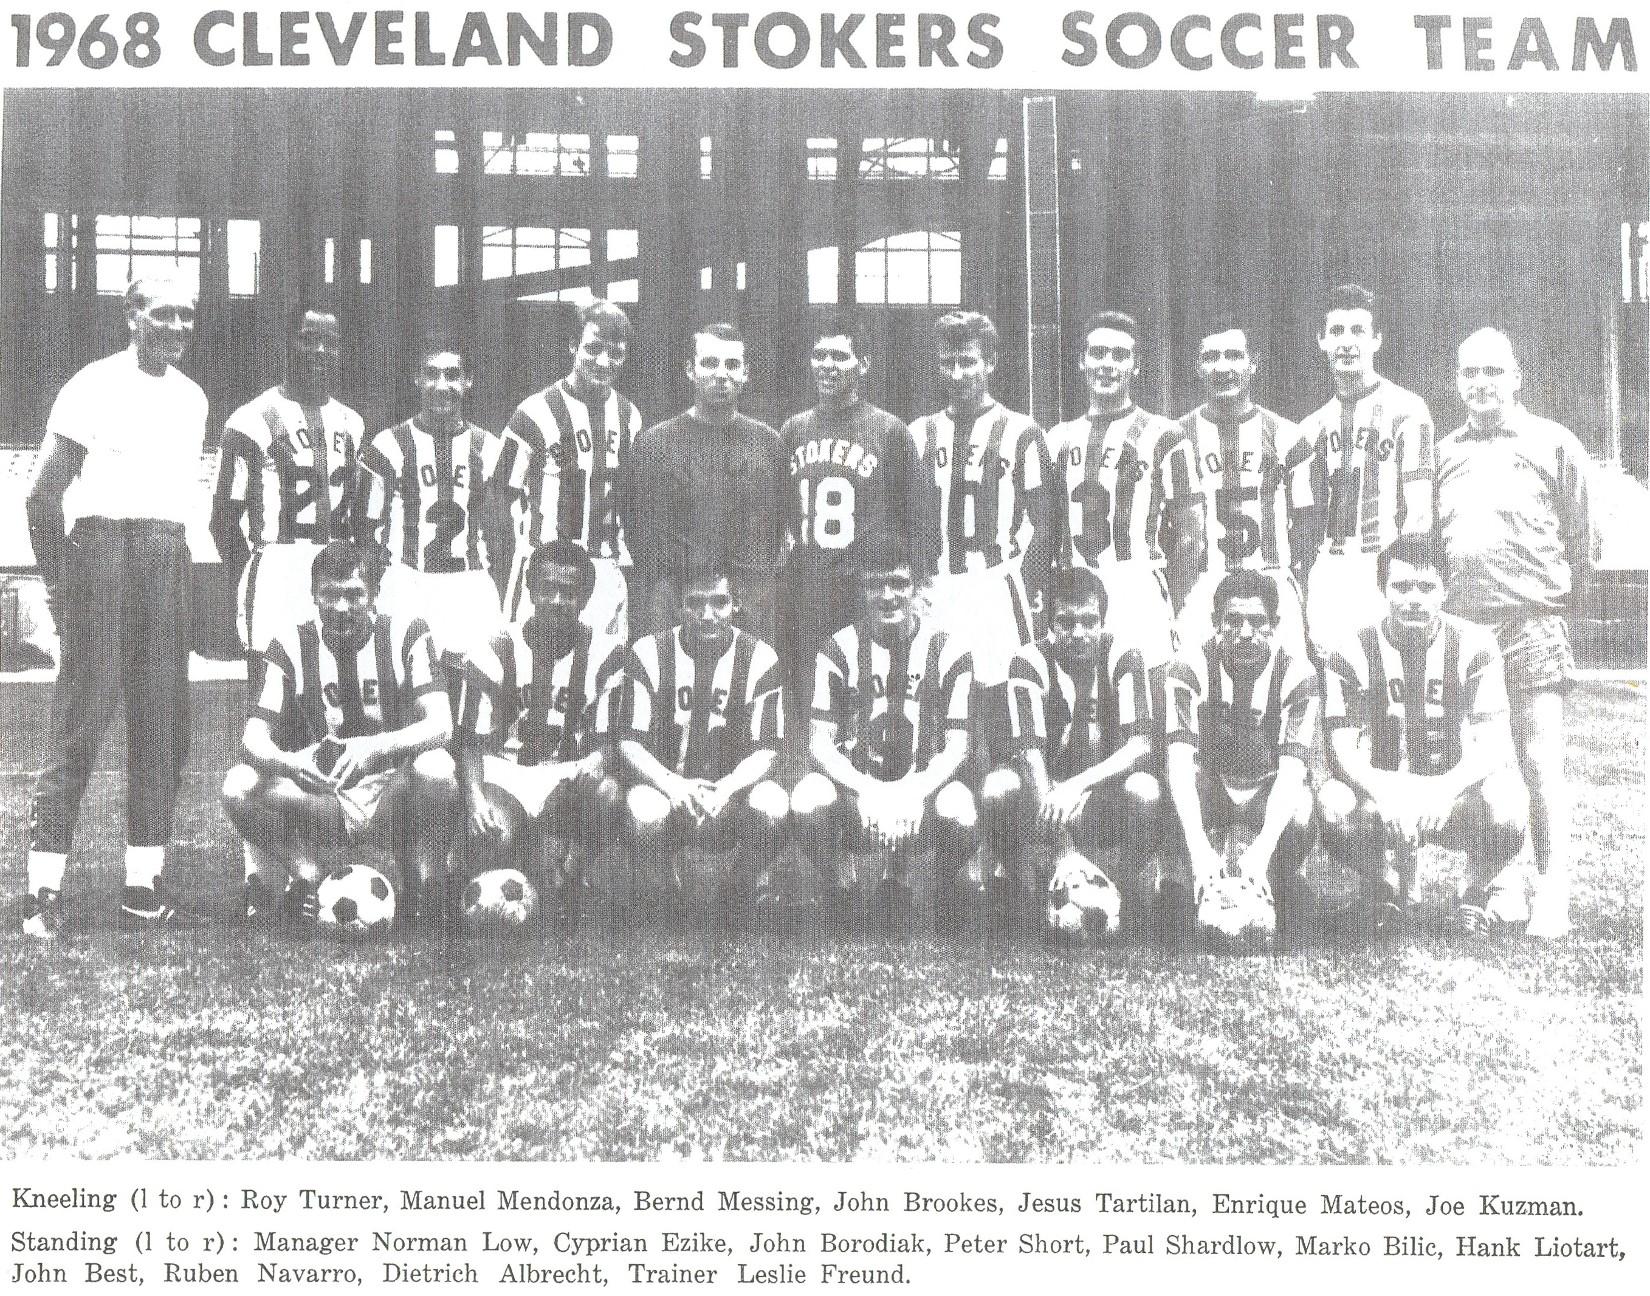 stokers_68_road_team.jpg